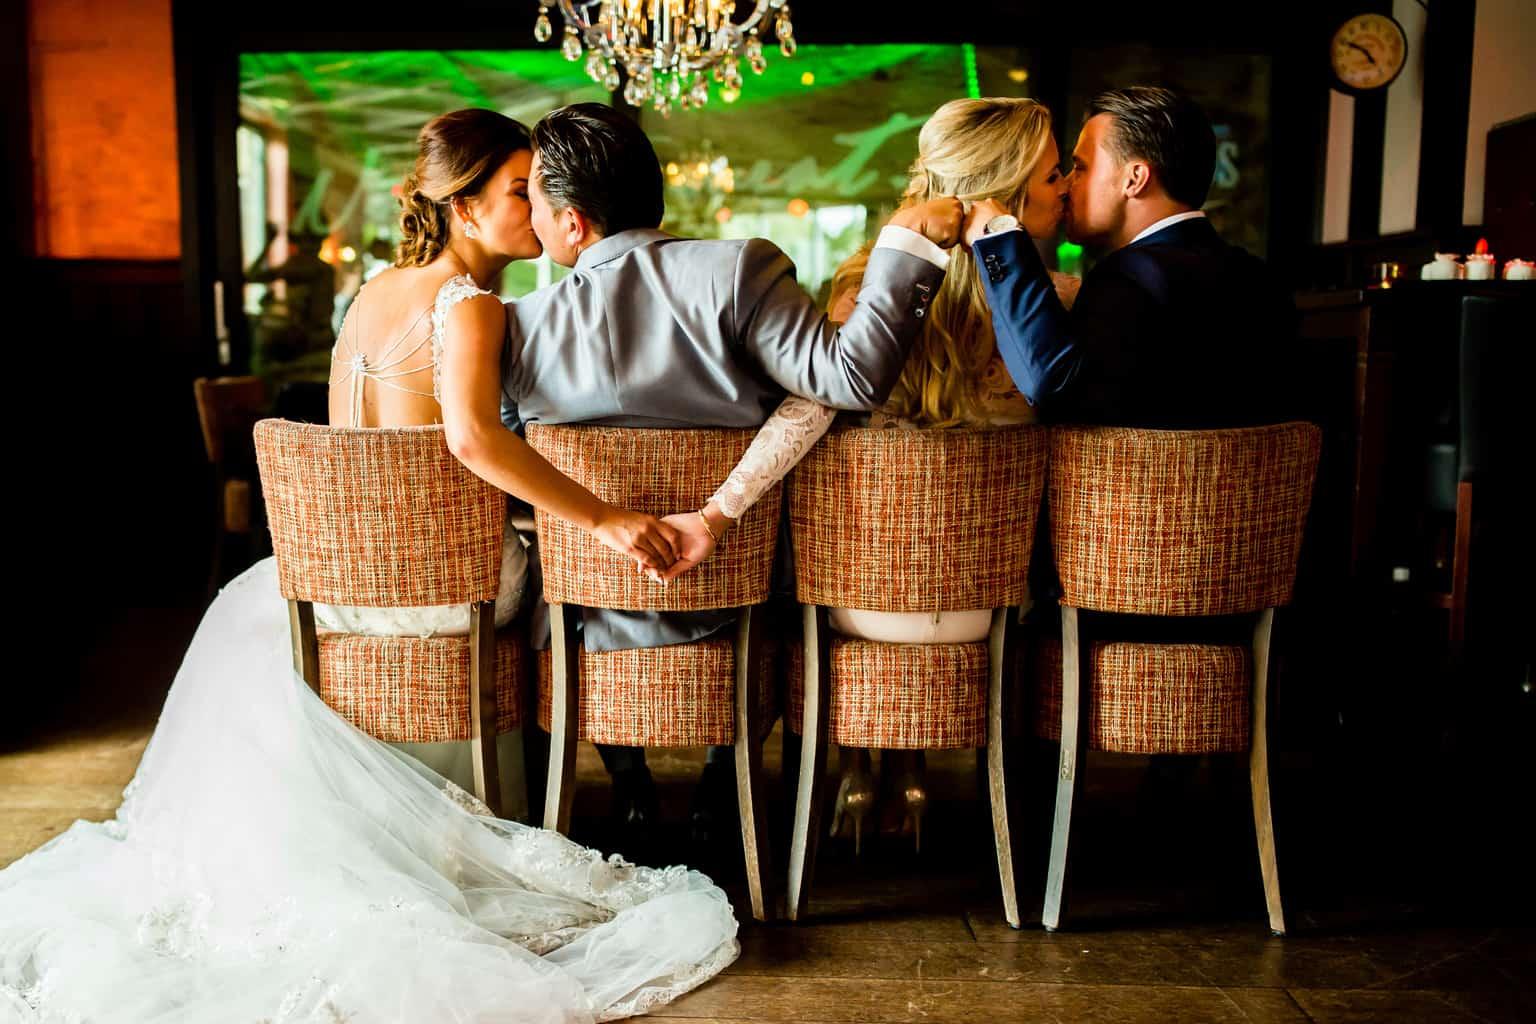 fotocredits Eppel Fotografie, wedding en planning,Weddingplanner